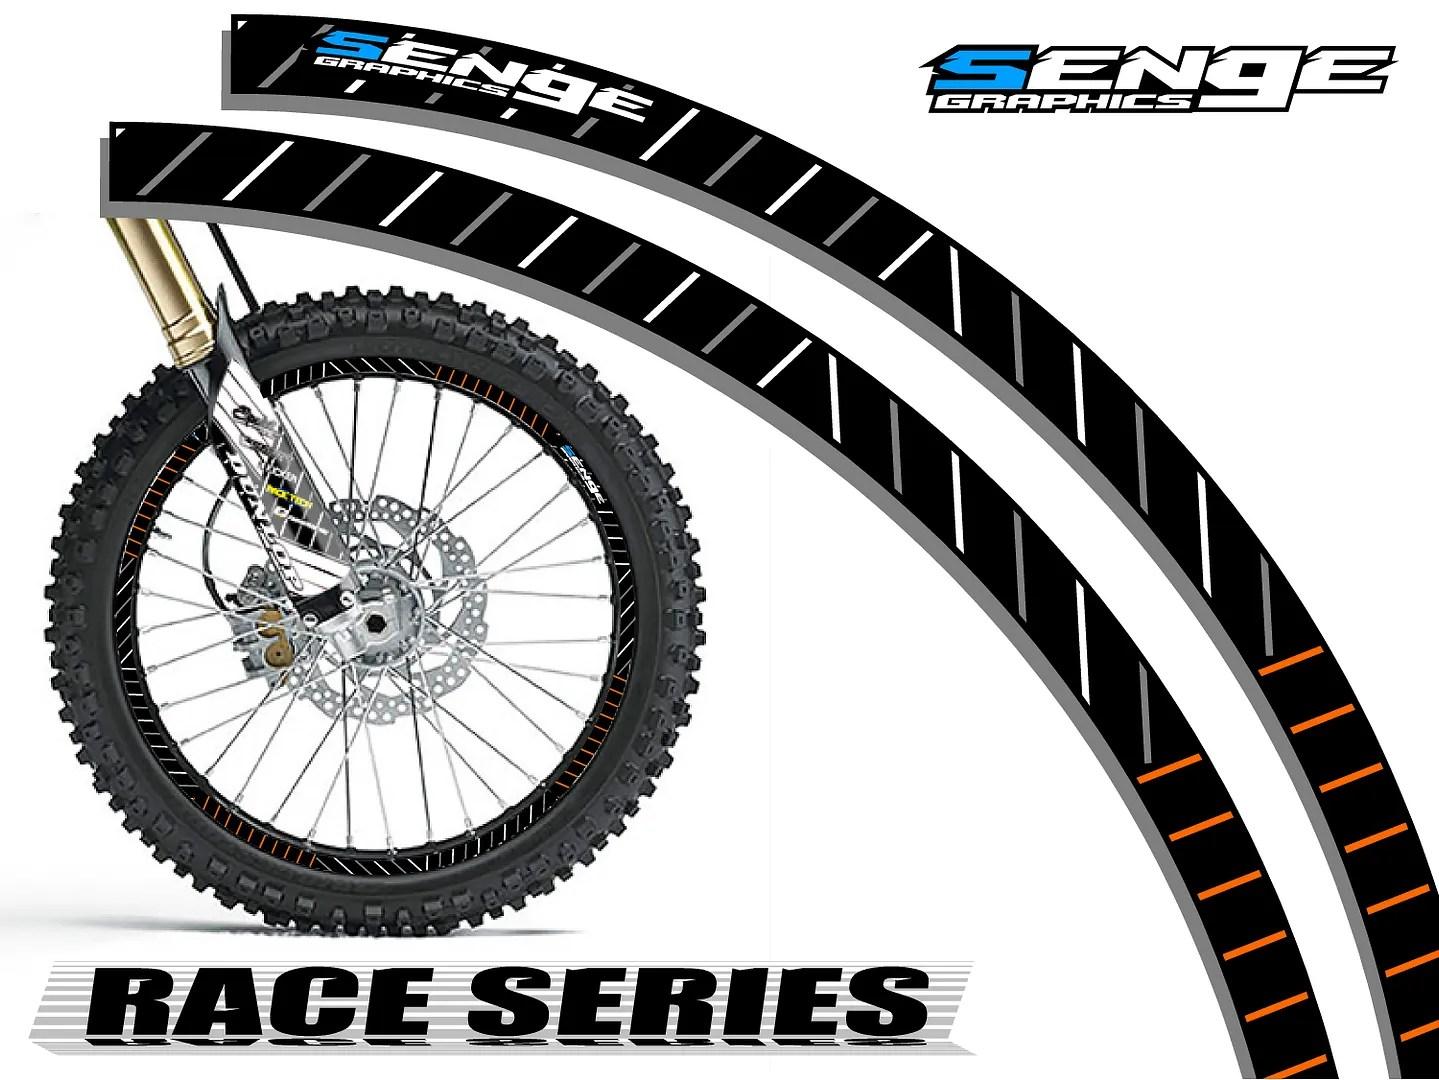 17 Amp 17 Inch Dirt Bike Rim Protectors Wheel Decals Tape